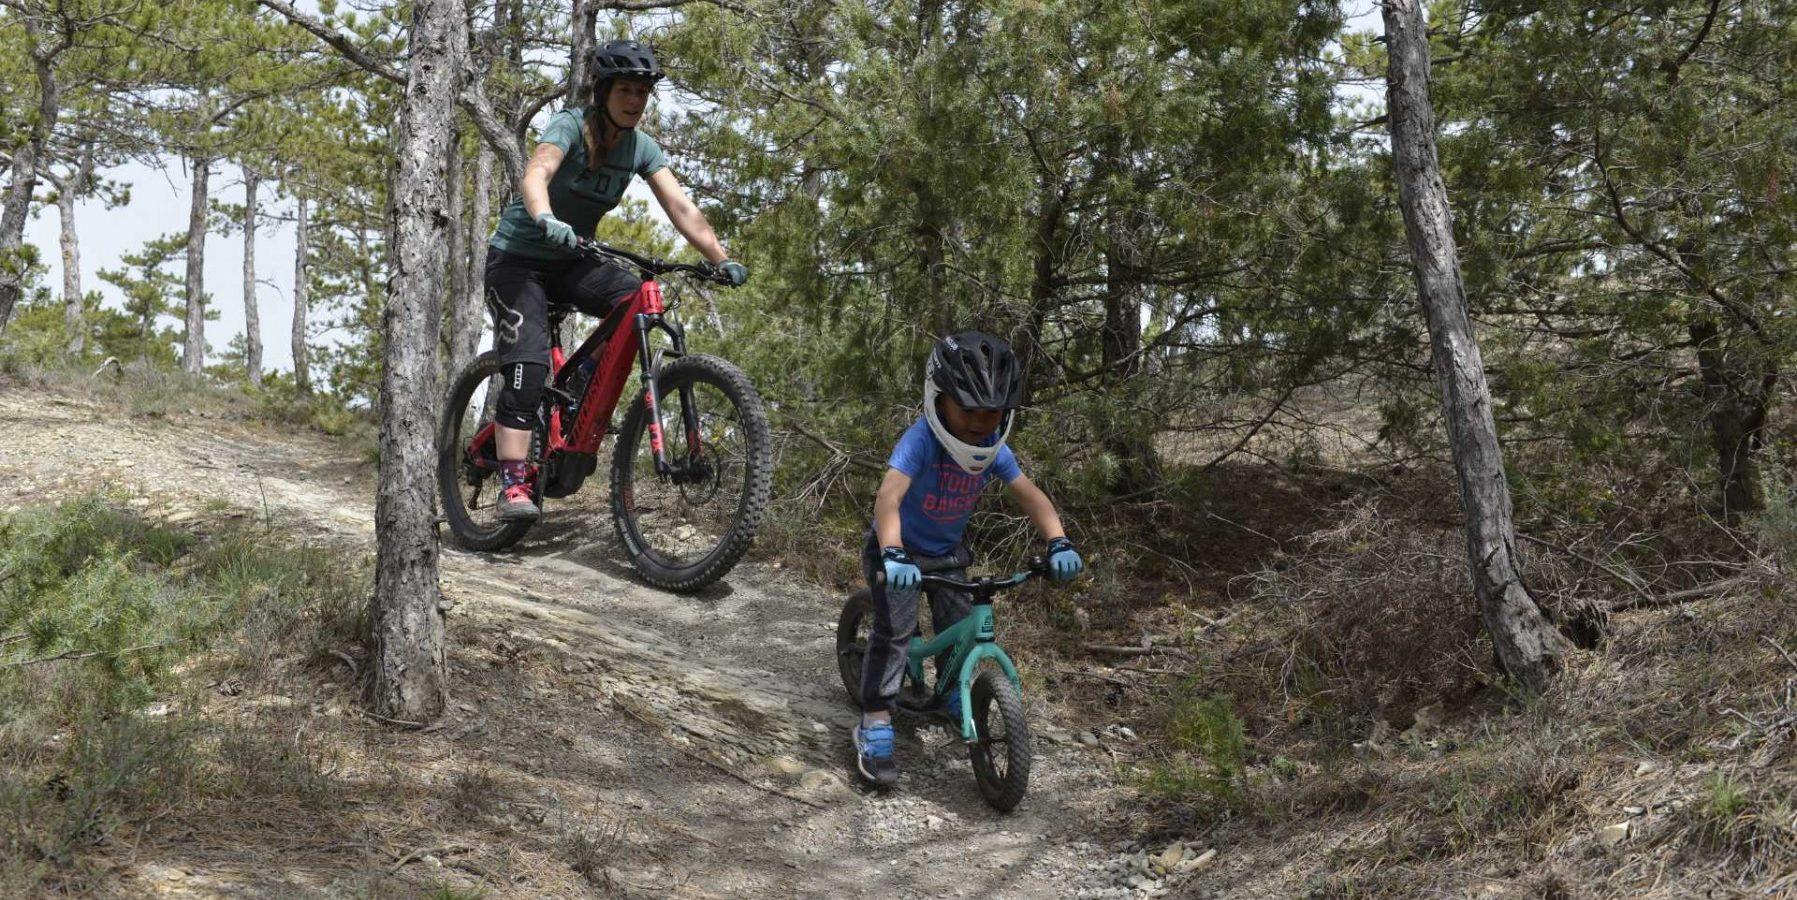 faire du vélo avec son enfant. Maman et enfant VTT descente